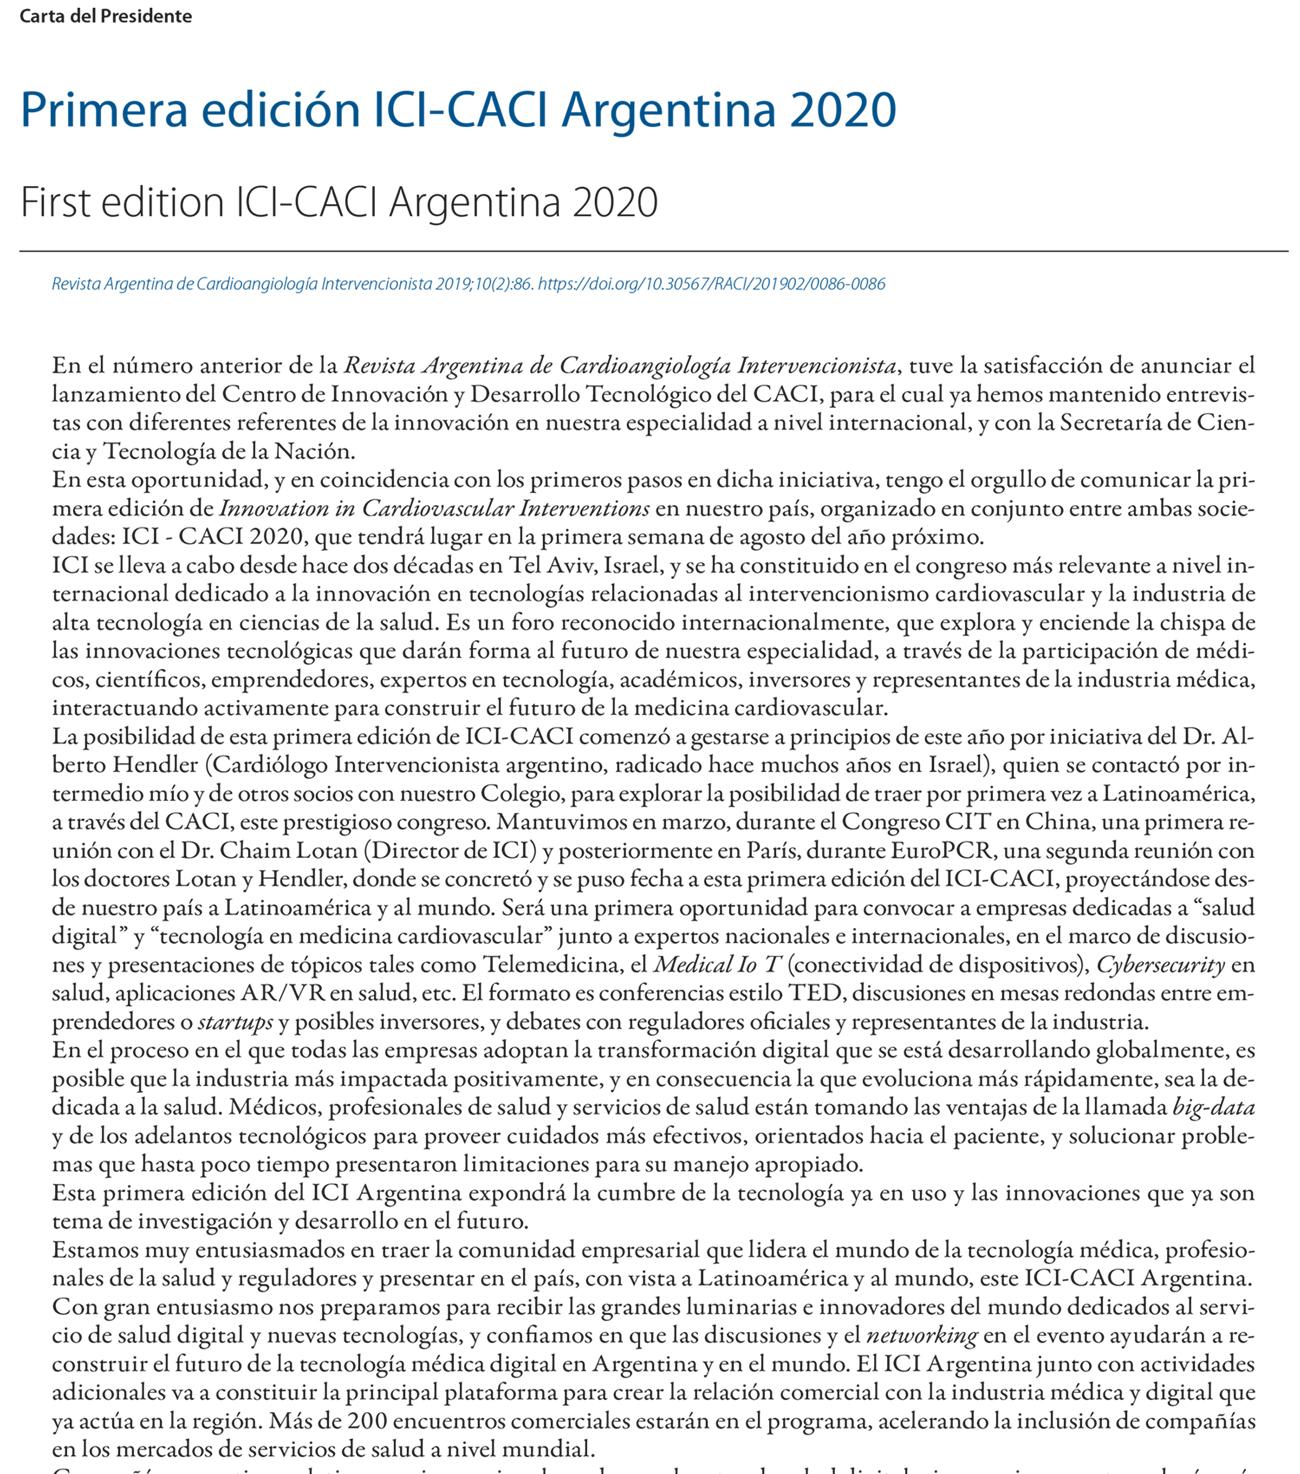 Primera edición ICI-CACI Argentina 2020